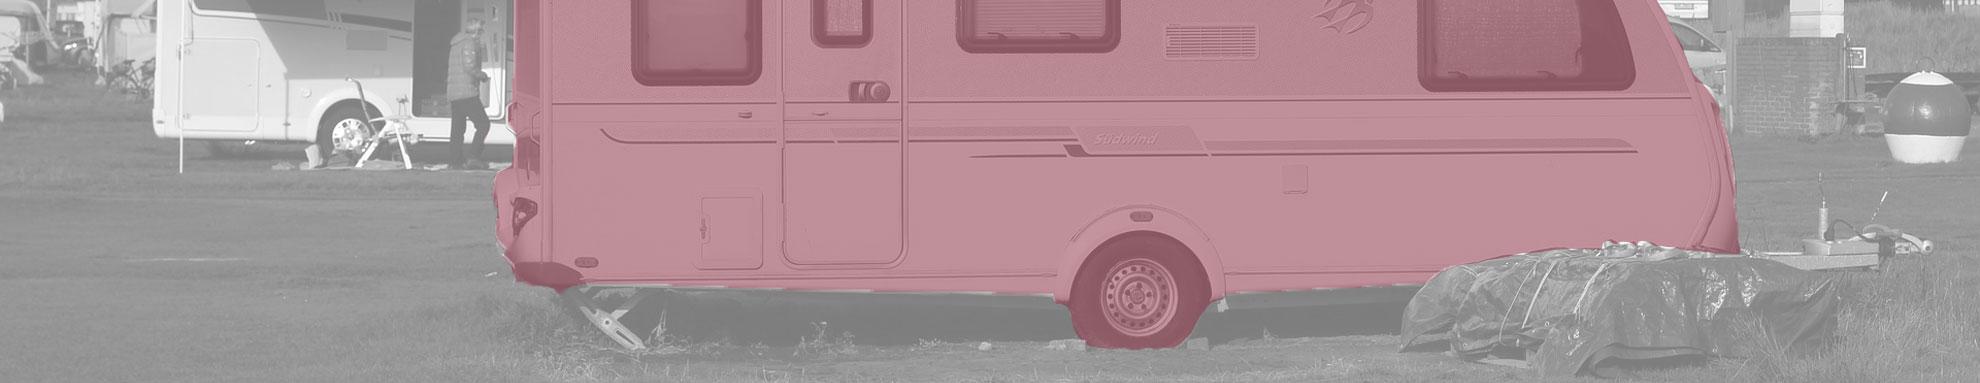 caravan-verzekering